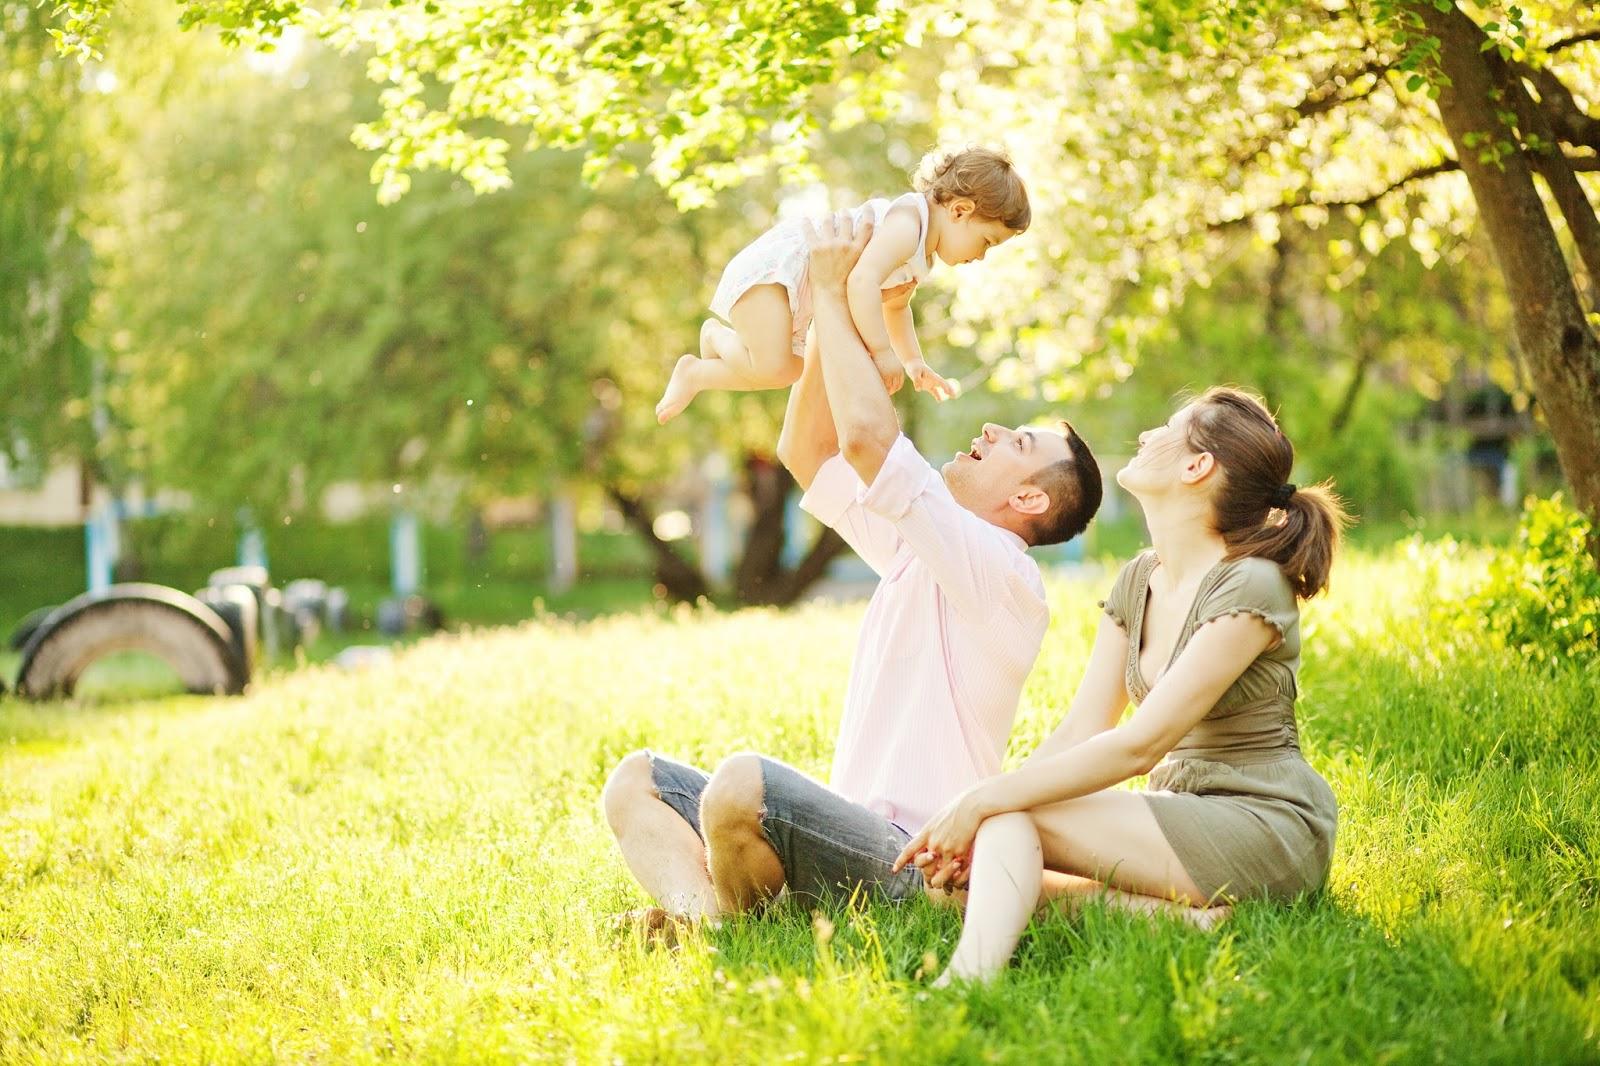 Để làm một người tốt, để sống một cuộc đời ăn vui, nhất định bạn phải thực hiện những điều này